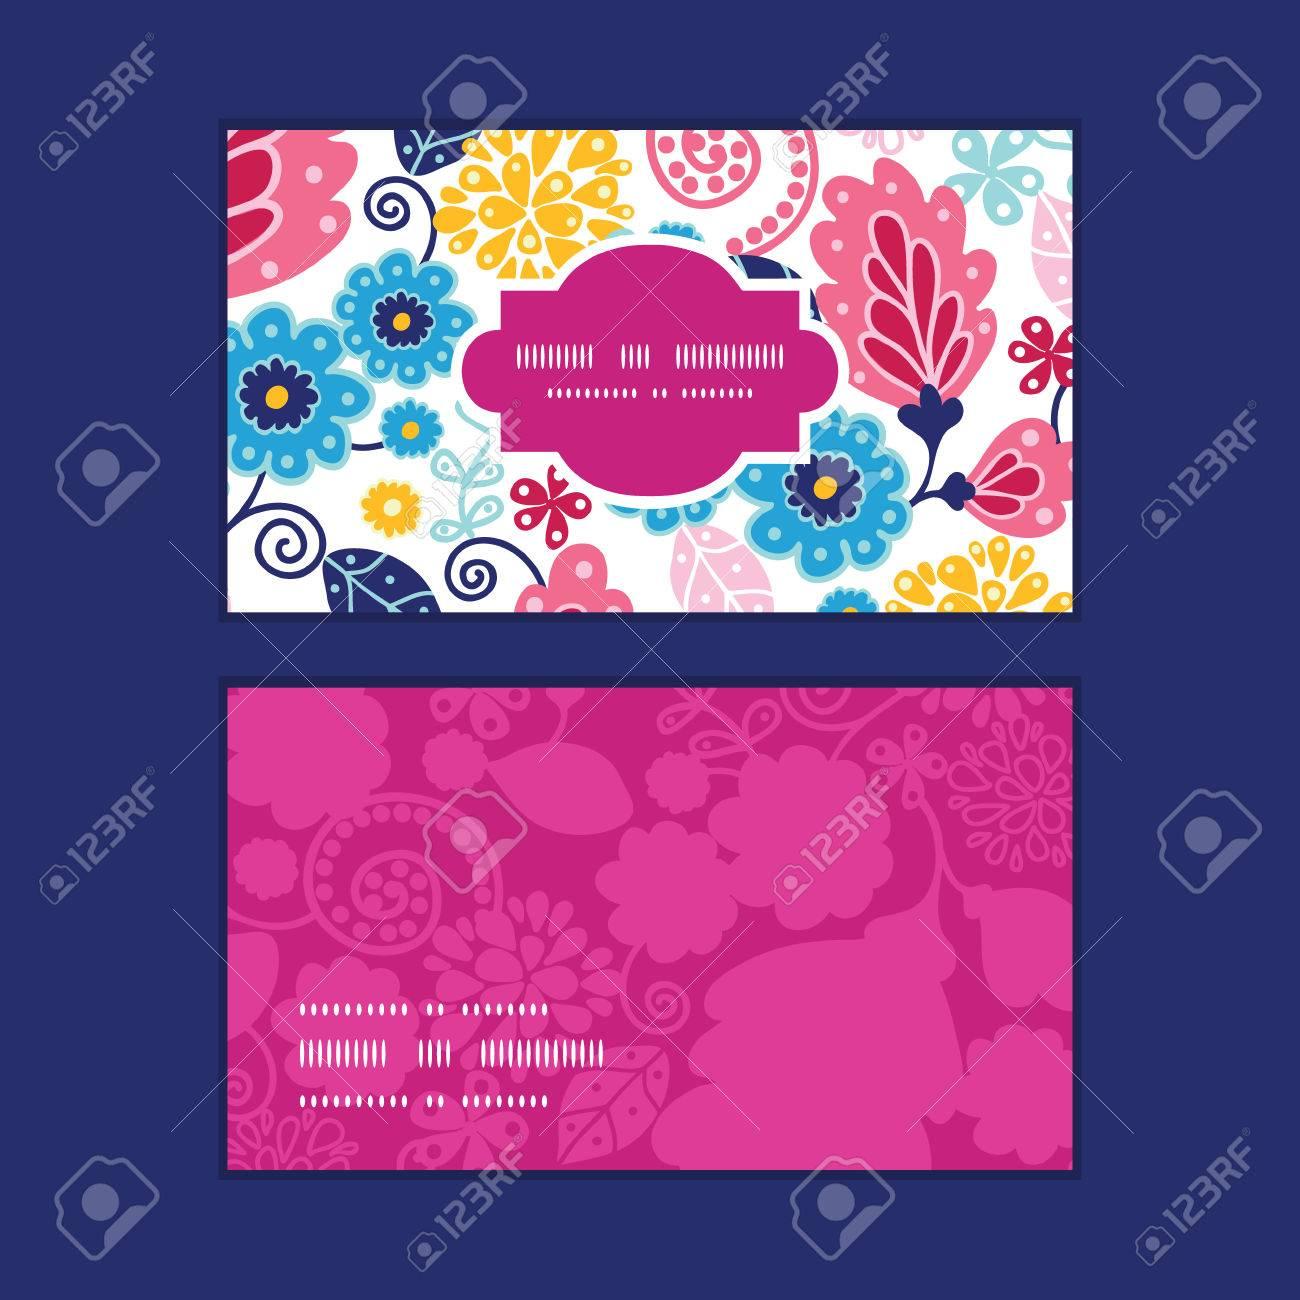 Vector Fleurs Feeriques Cadre Horizontal Motif Cartes De Visite